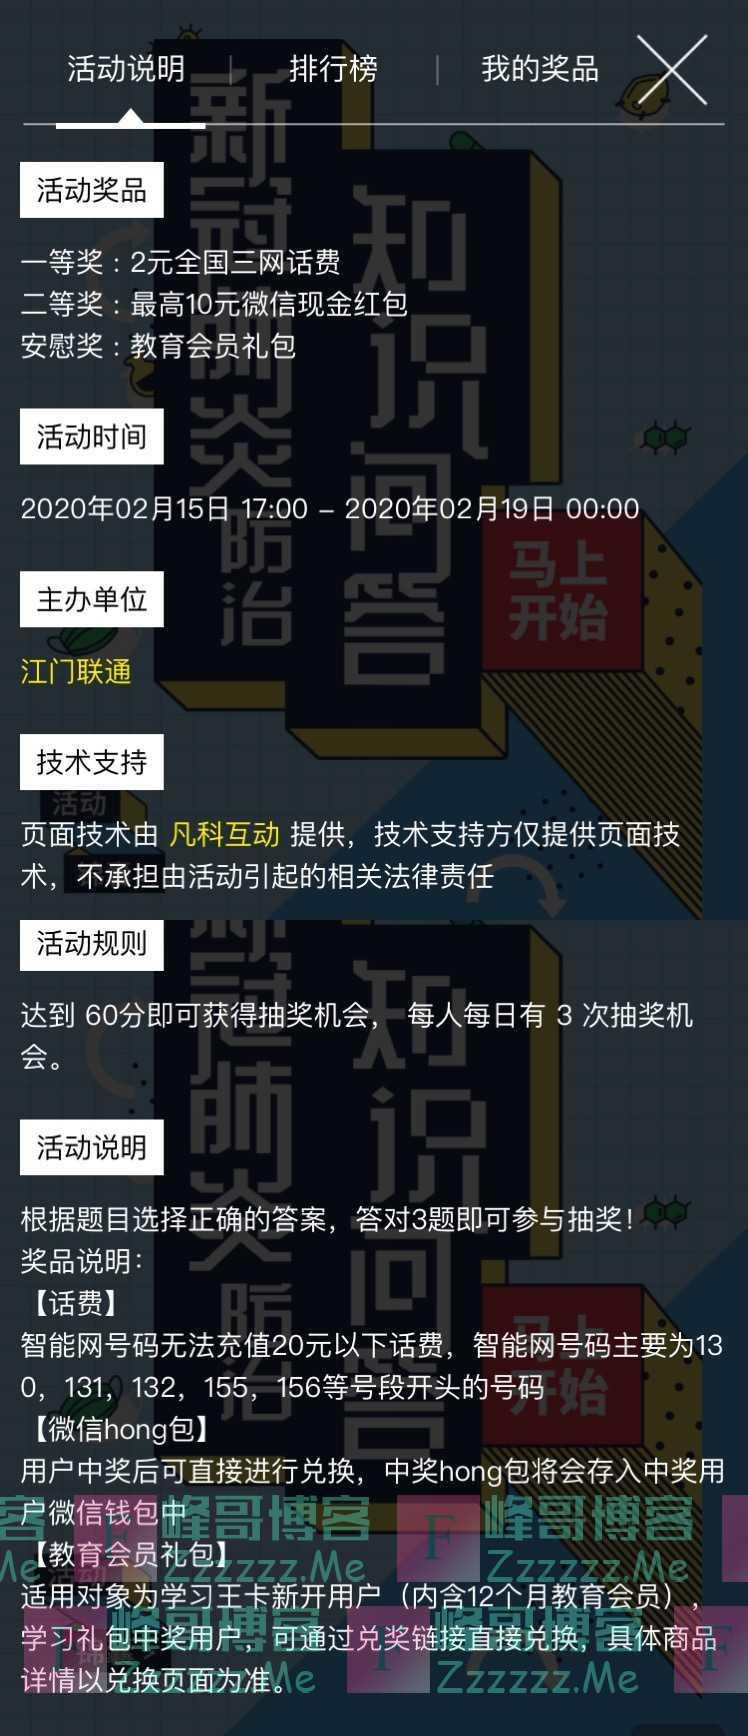 沃在江门防疫小知识有奖问答,赢话费&红包(2月19日截止)